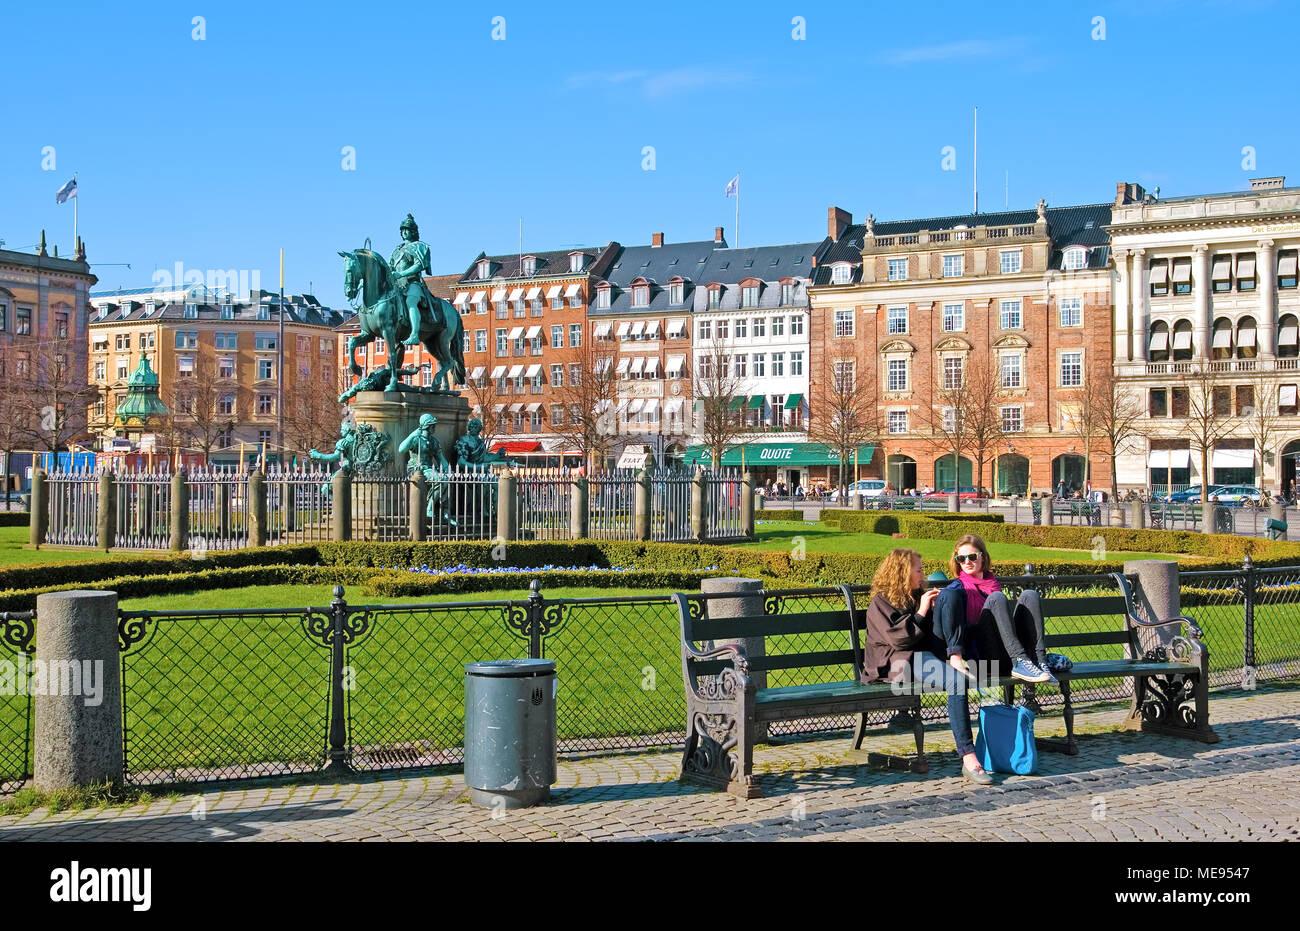 COPENHAGEN, DENMARK - APRIL 13, 2010: Equestrian statue of Christian V on Kongens Nytorv Square (The King's New Square) - Stock Image